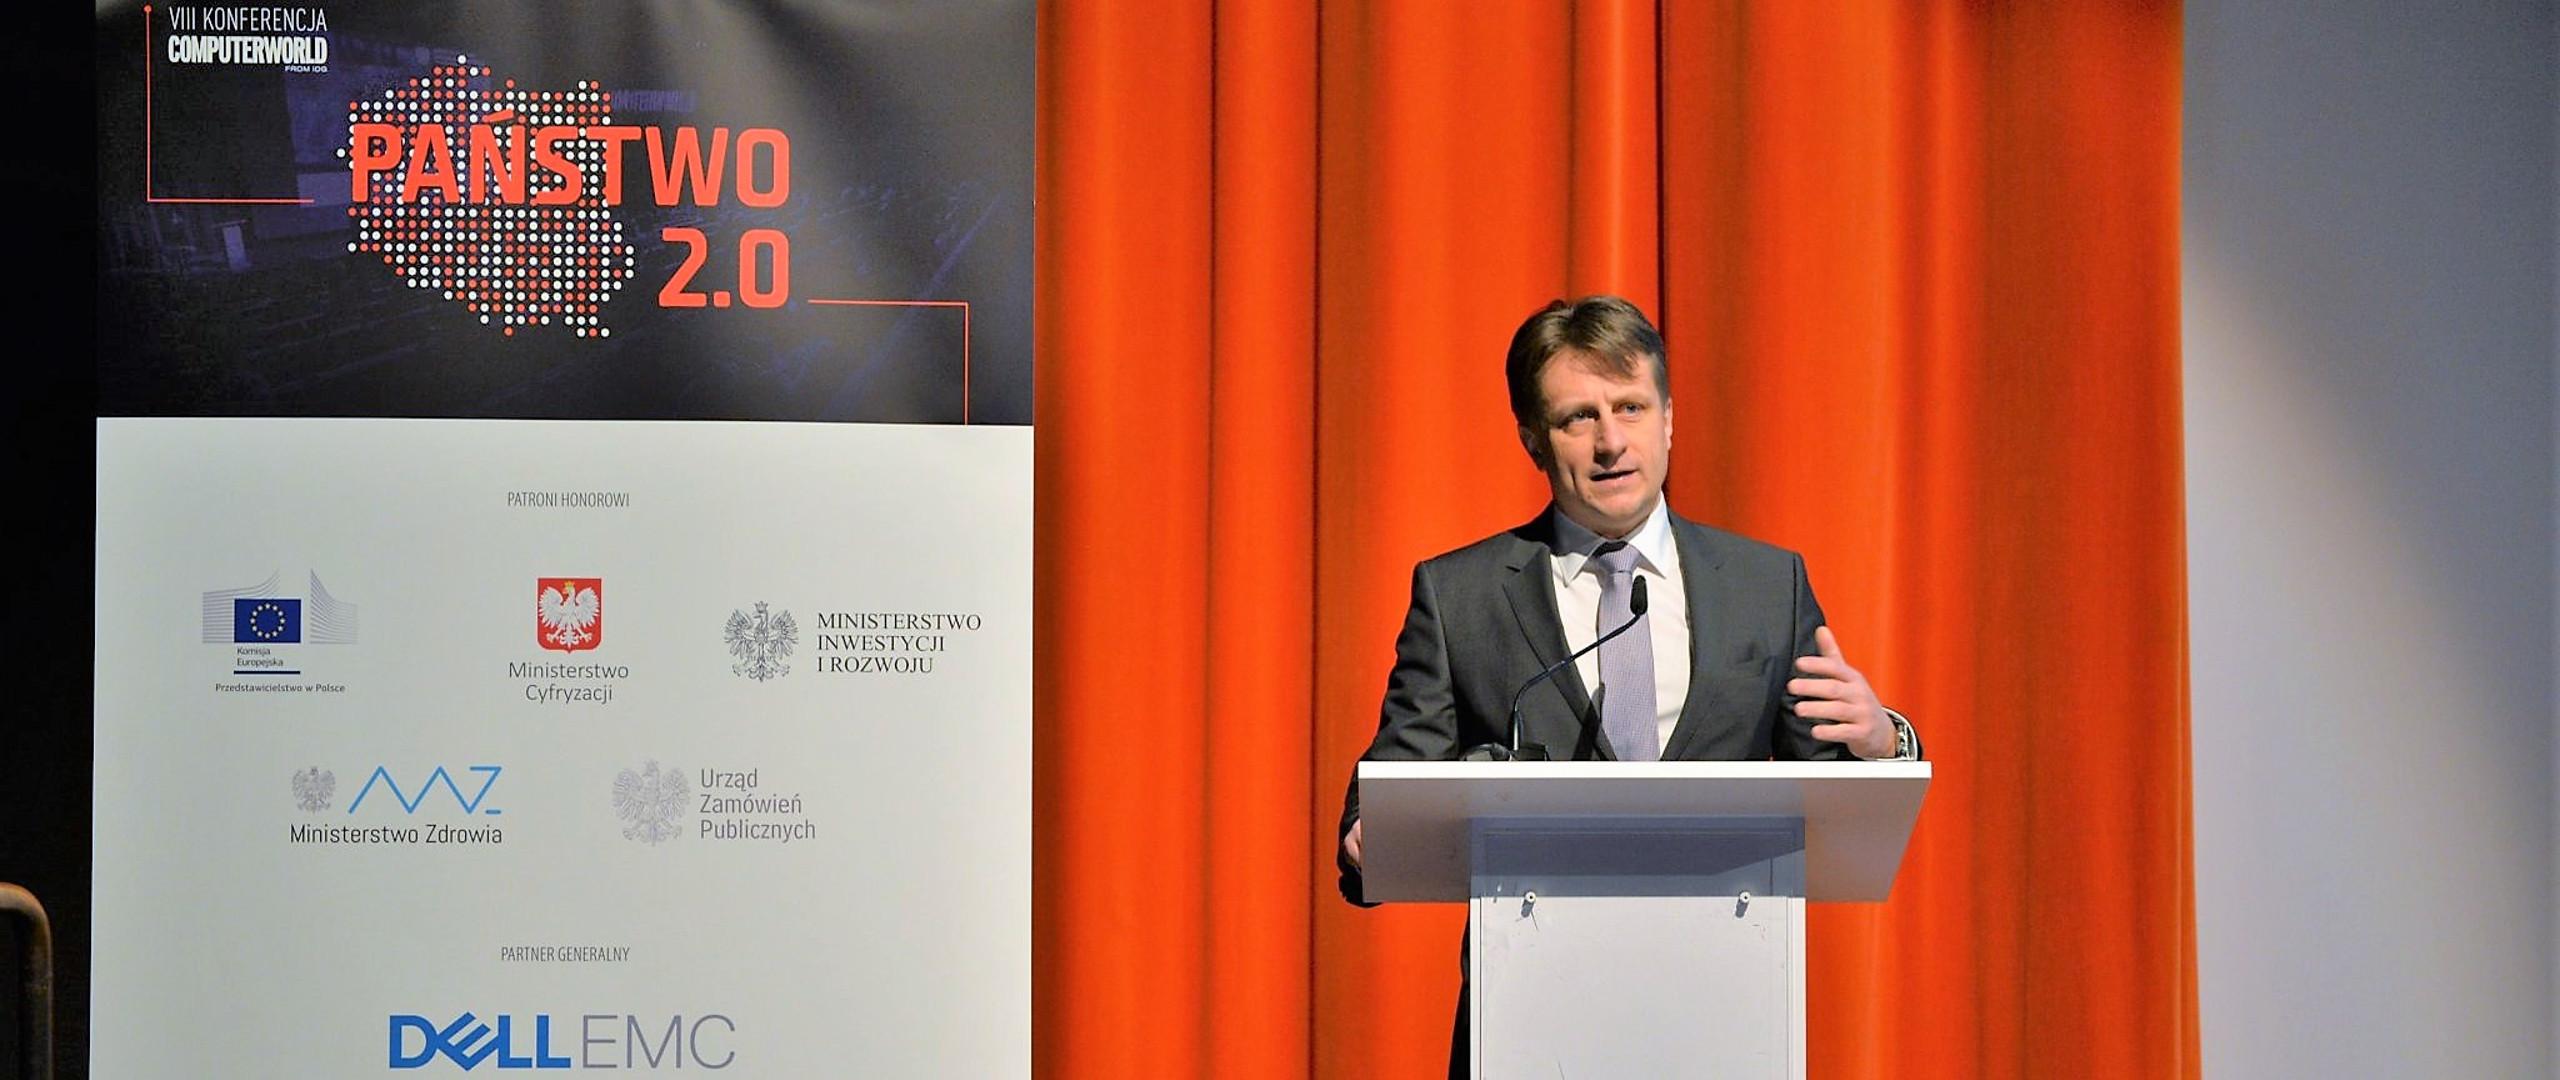 Krzysztof Szubert na Konferencji Państwo 2.0.